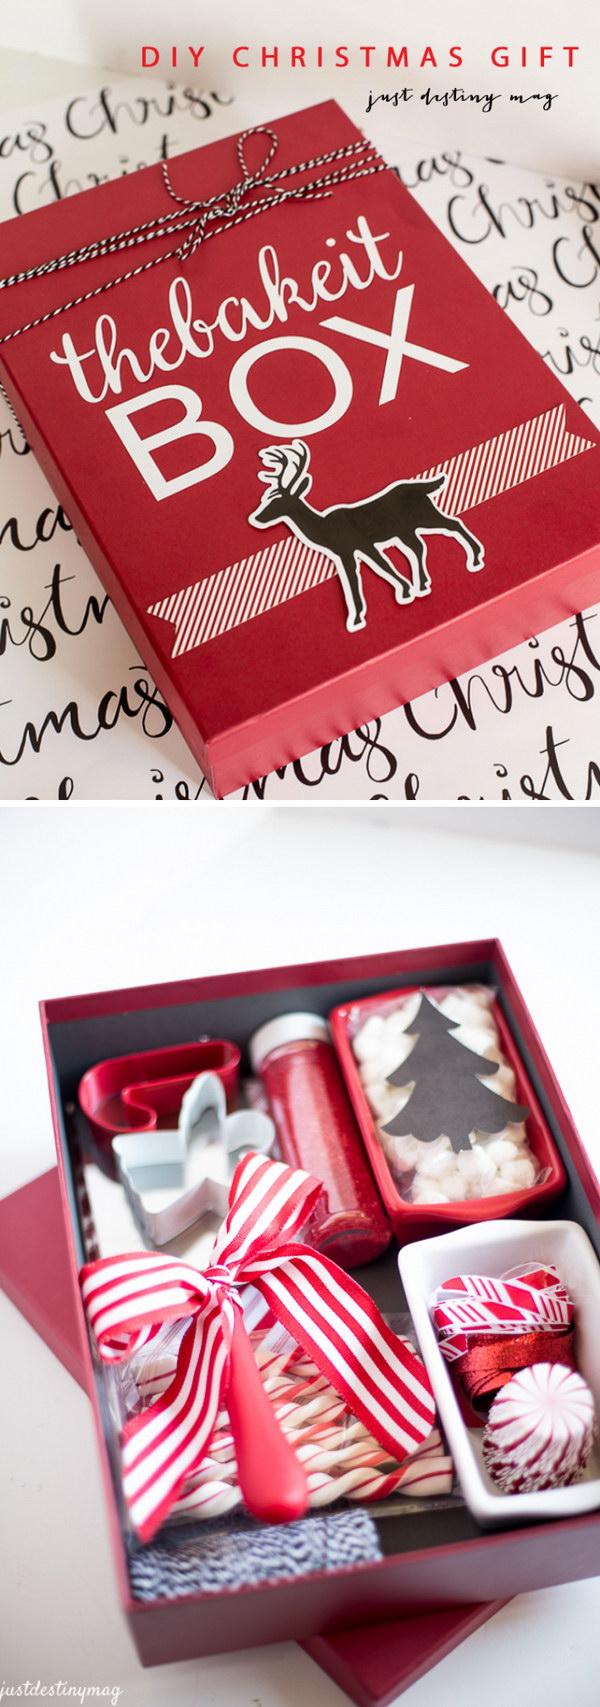 19 DIY Christmas Gift Box